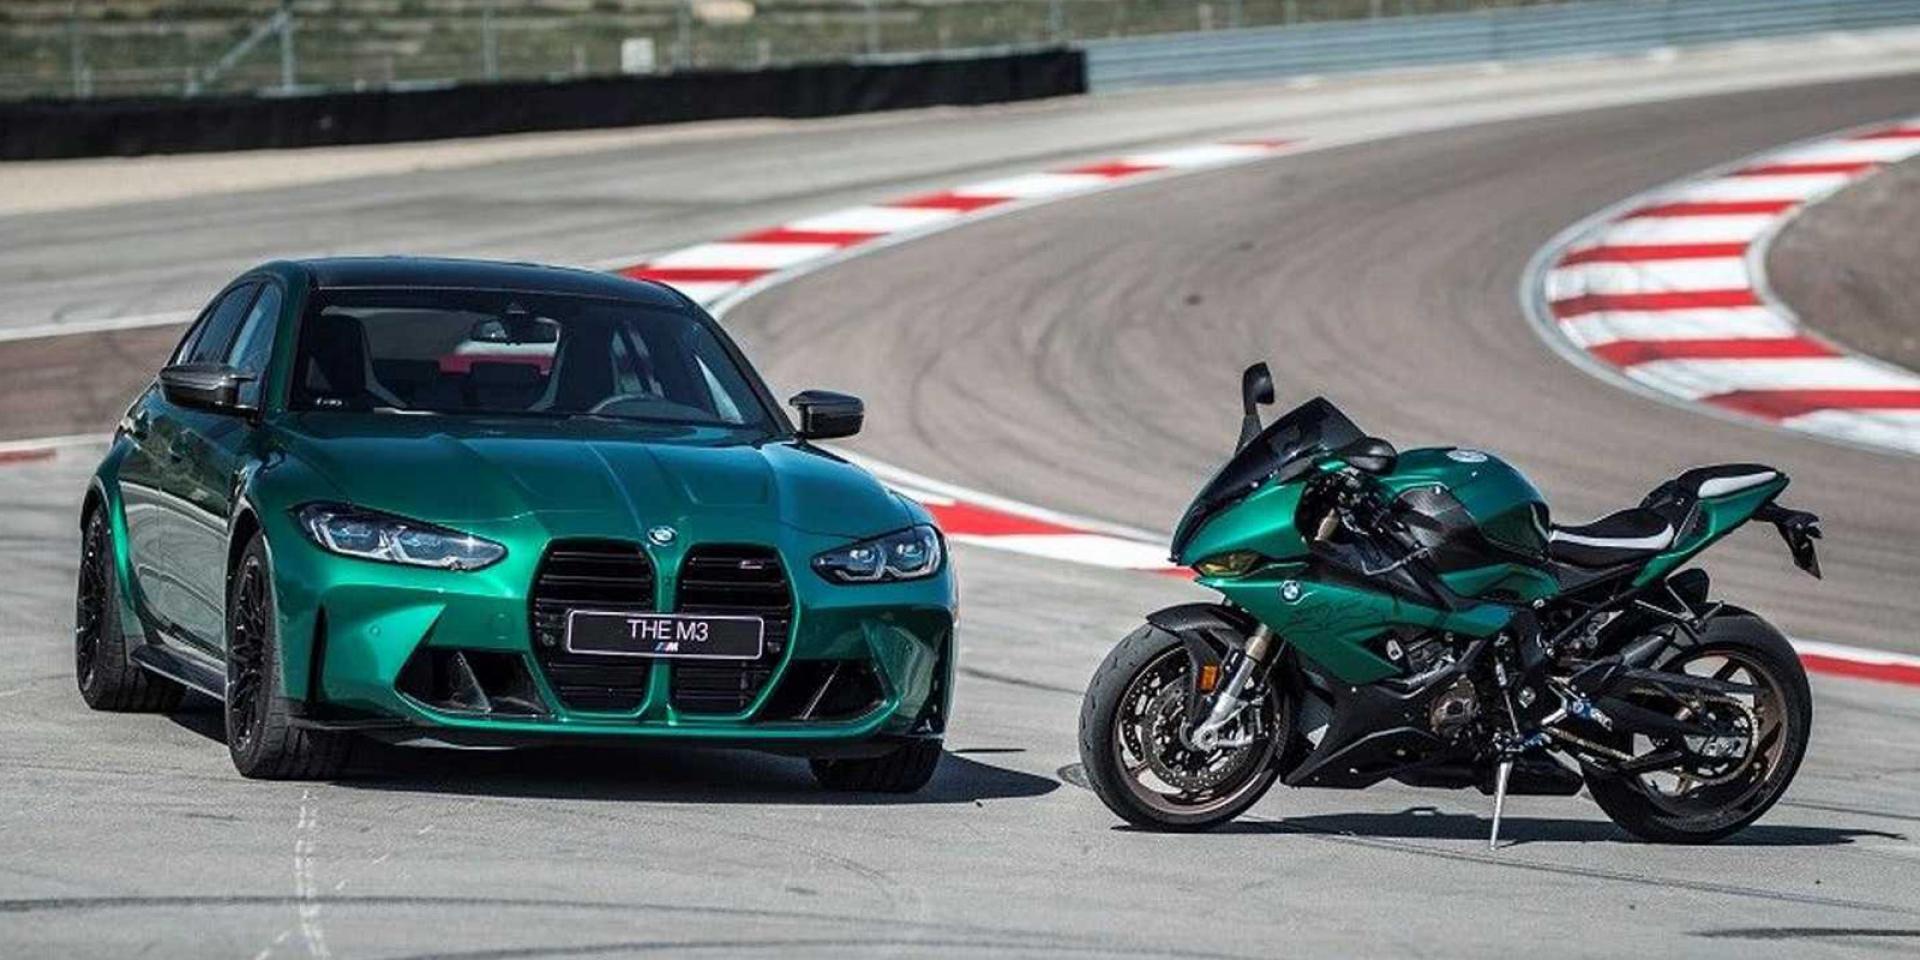 M3塗裝、M POWER套件、限量50台!BMW S 1000 RR 曼島特仕版海外發表